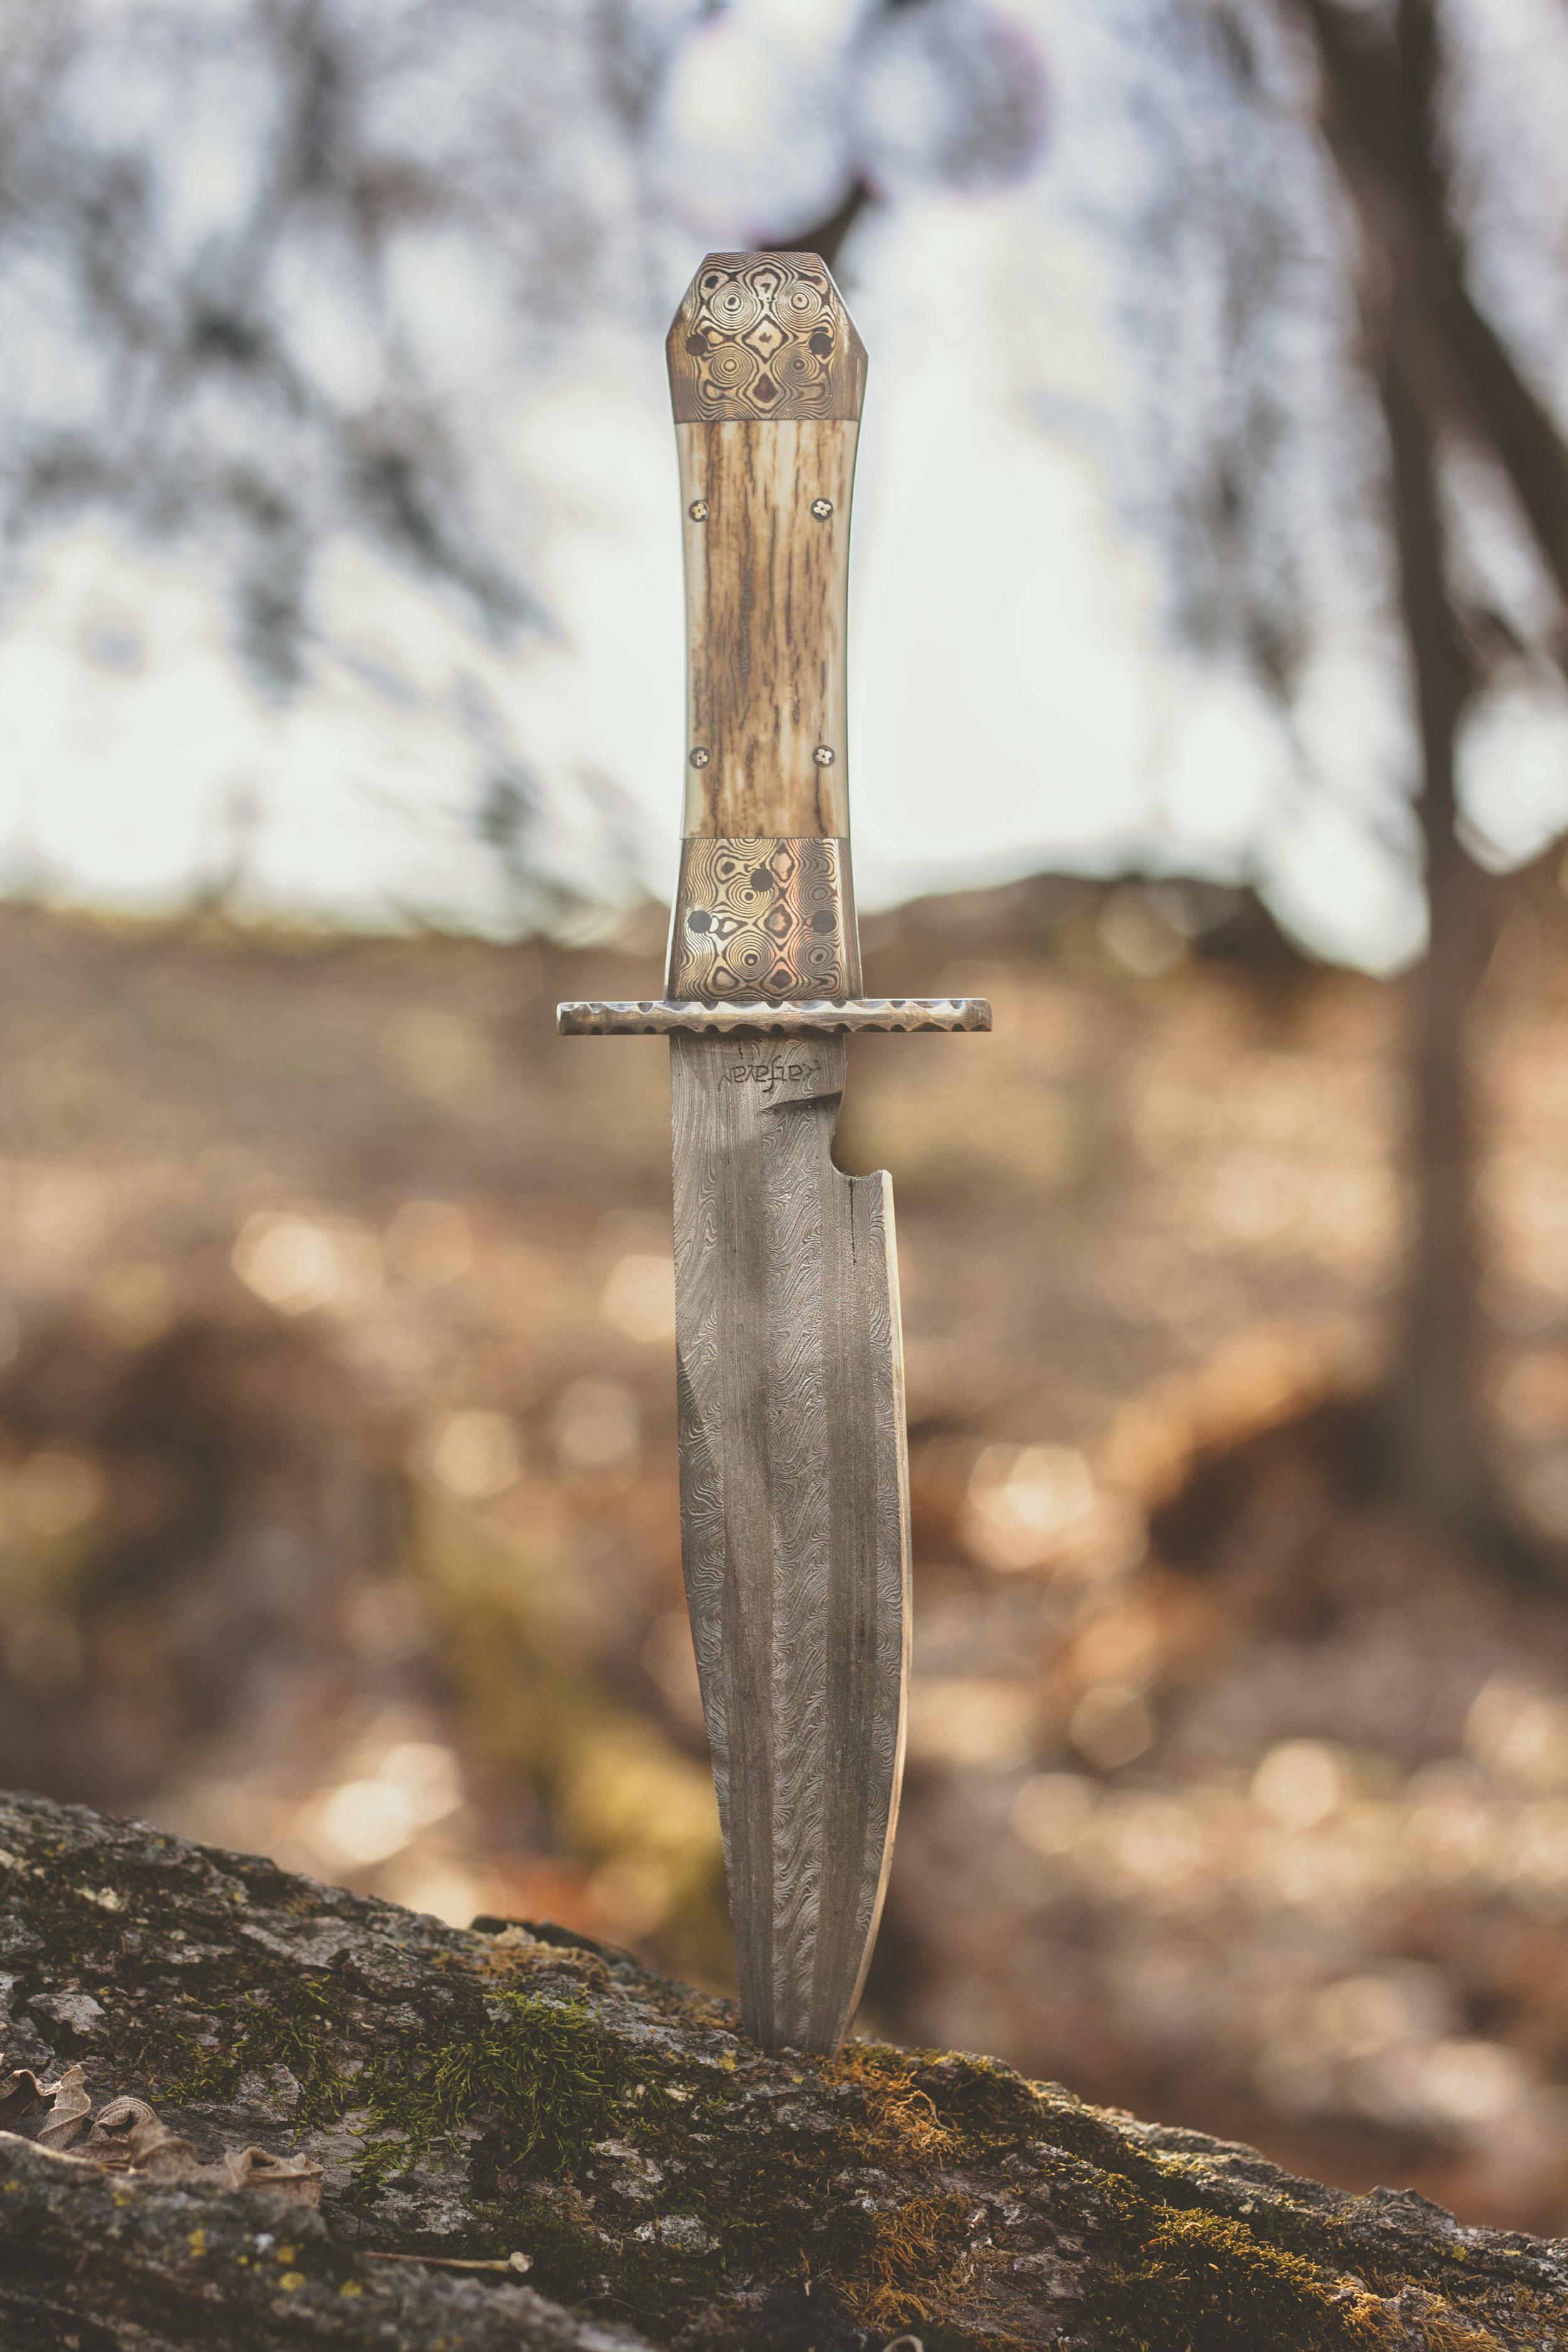 Damascus Hunting Knife with Mokume Gane